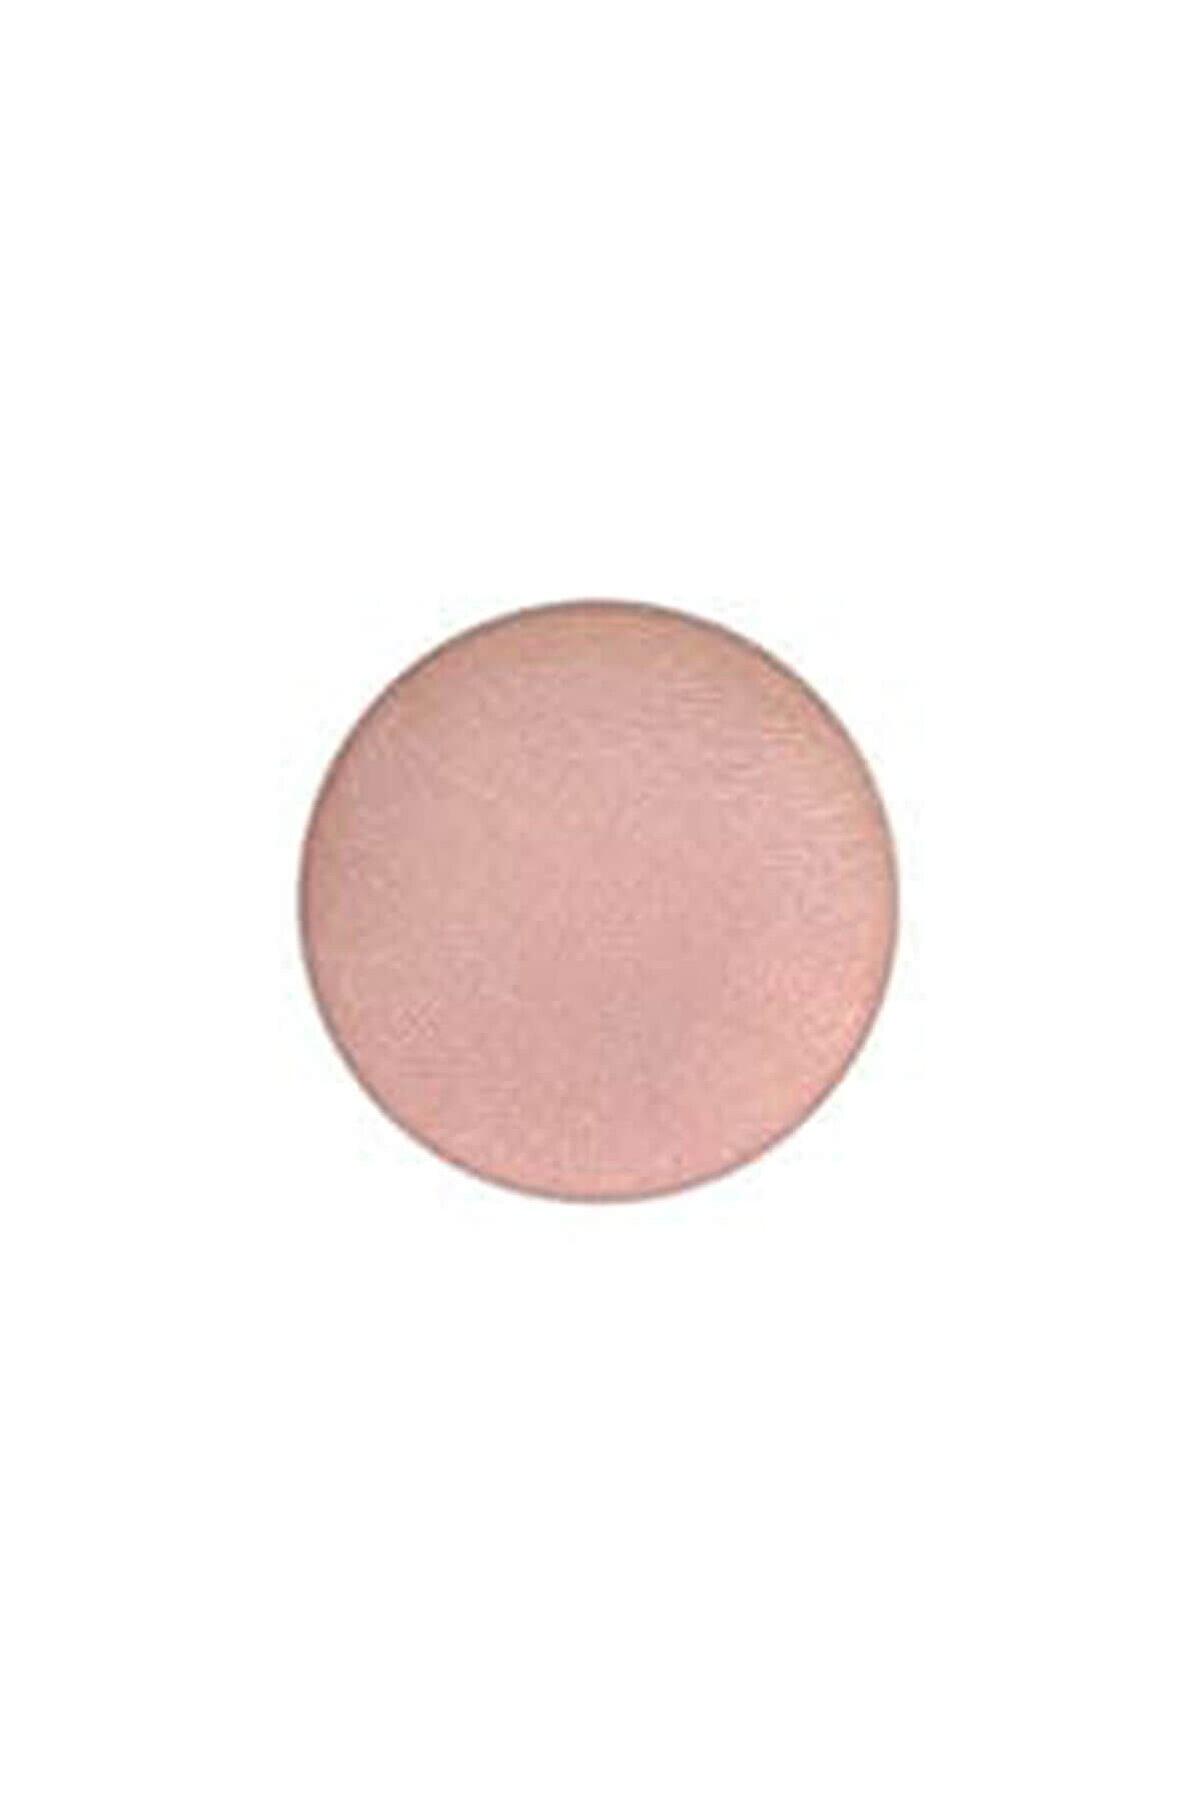 Mac Göz Farı - Refill Far Jest 1.5 g 773602963317